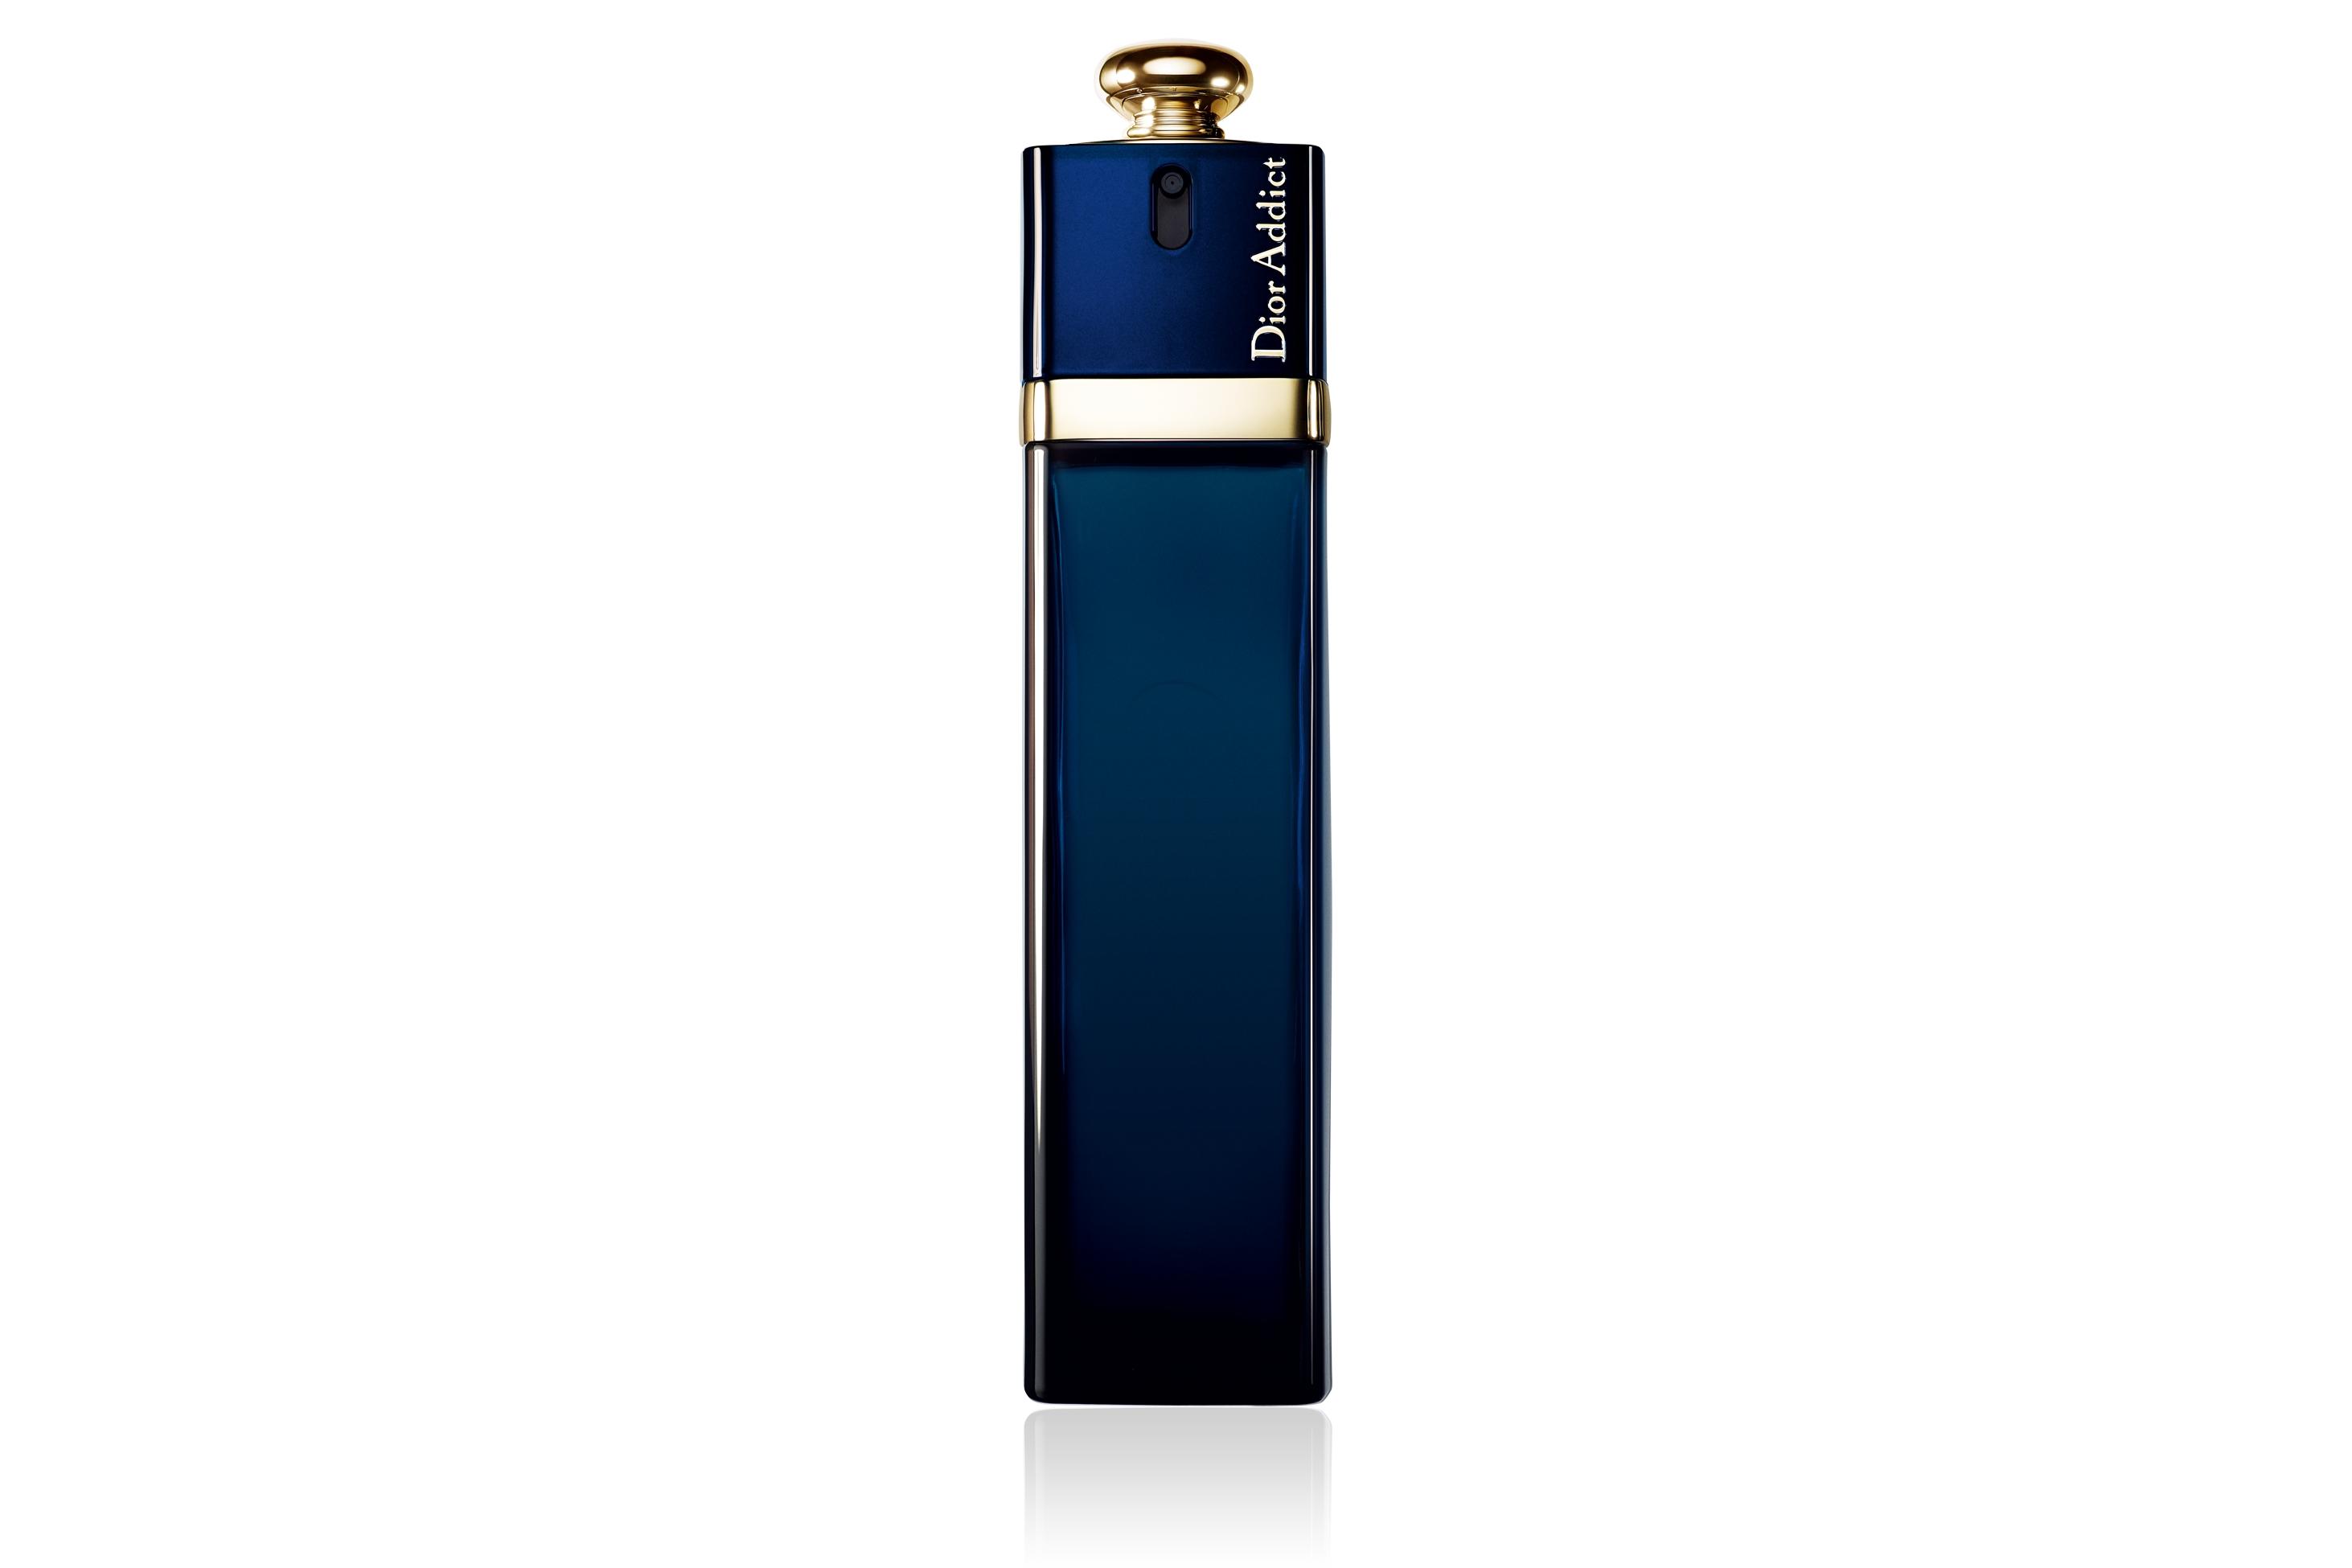 Dior Addict Dior - это аромат для женщин, принадлежит к группе ароматов восточные цветочные. Dior Addict выпущен в 2002. Парфюмер: Thierry Wasser. Верхние ноты: ежевика и Лист мандарина; ноты сердца: Апельсиновый цвет, Цветок кактуса, Жасмин и Роза; ноты базы: Сандаловое дерево, Тонка бобы и Ваниль.